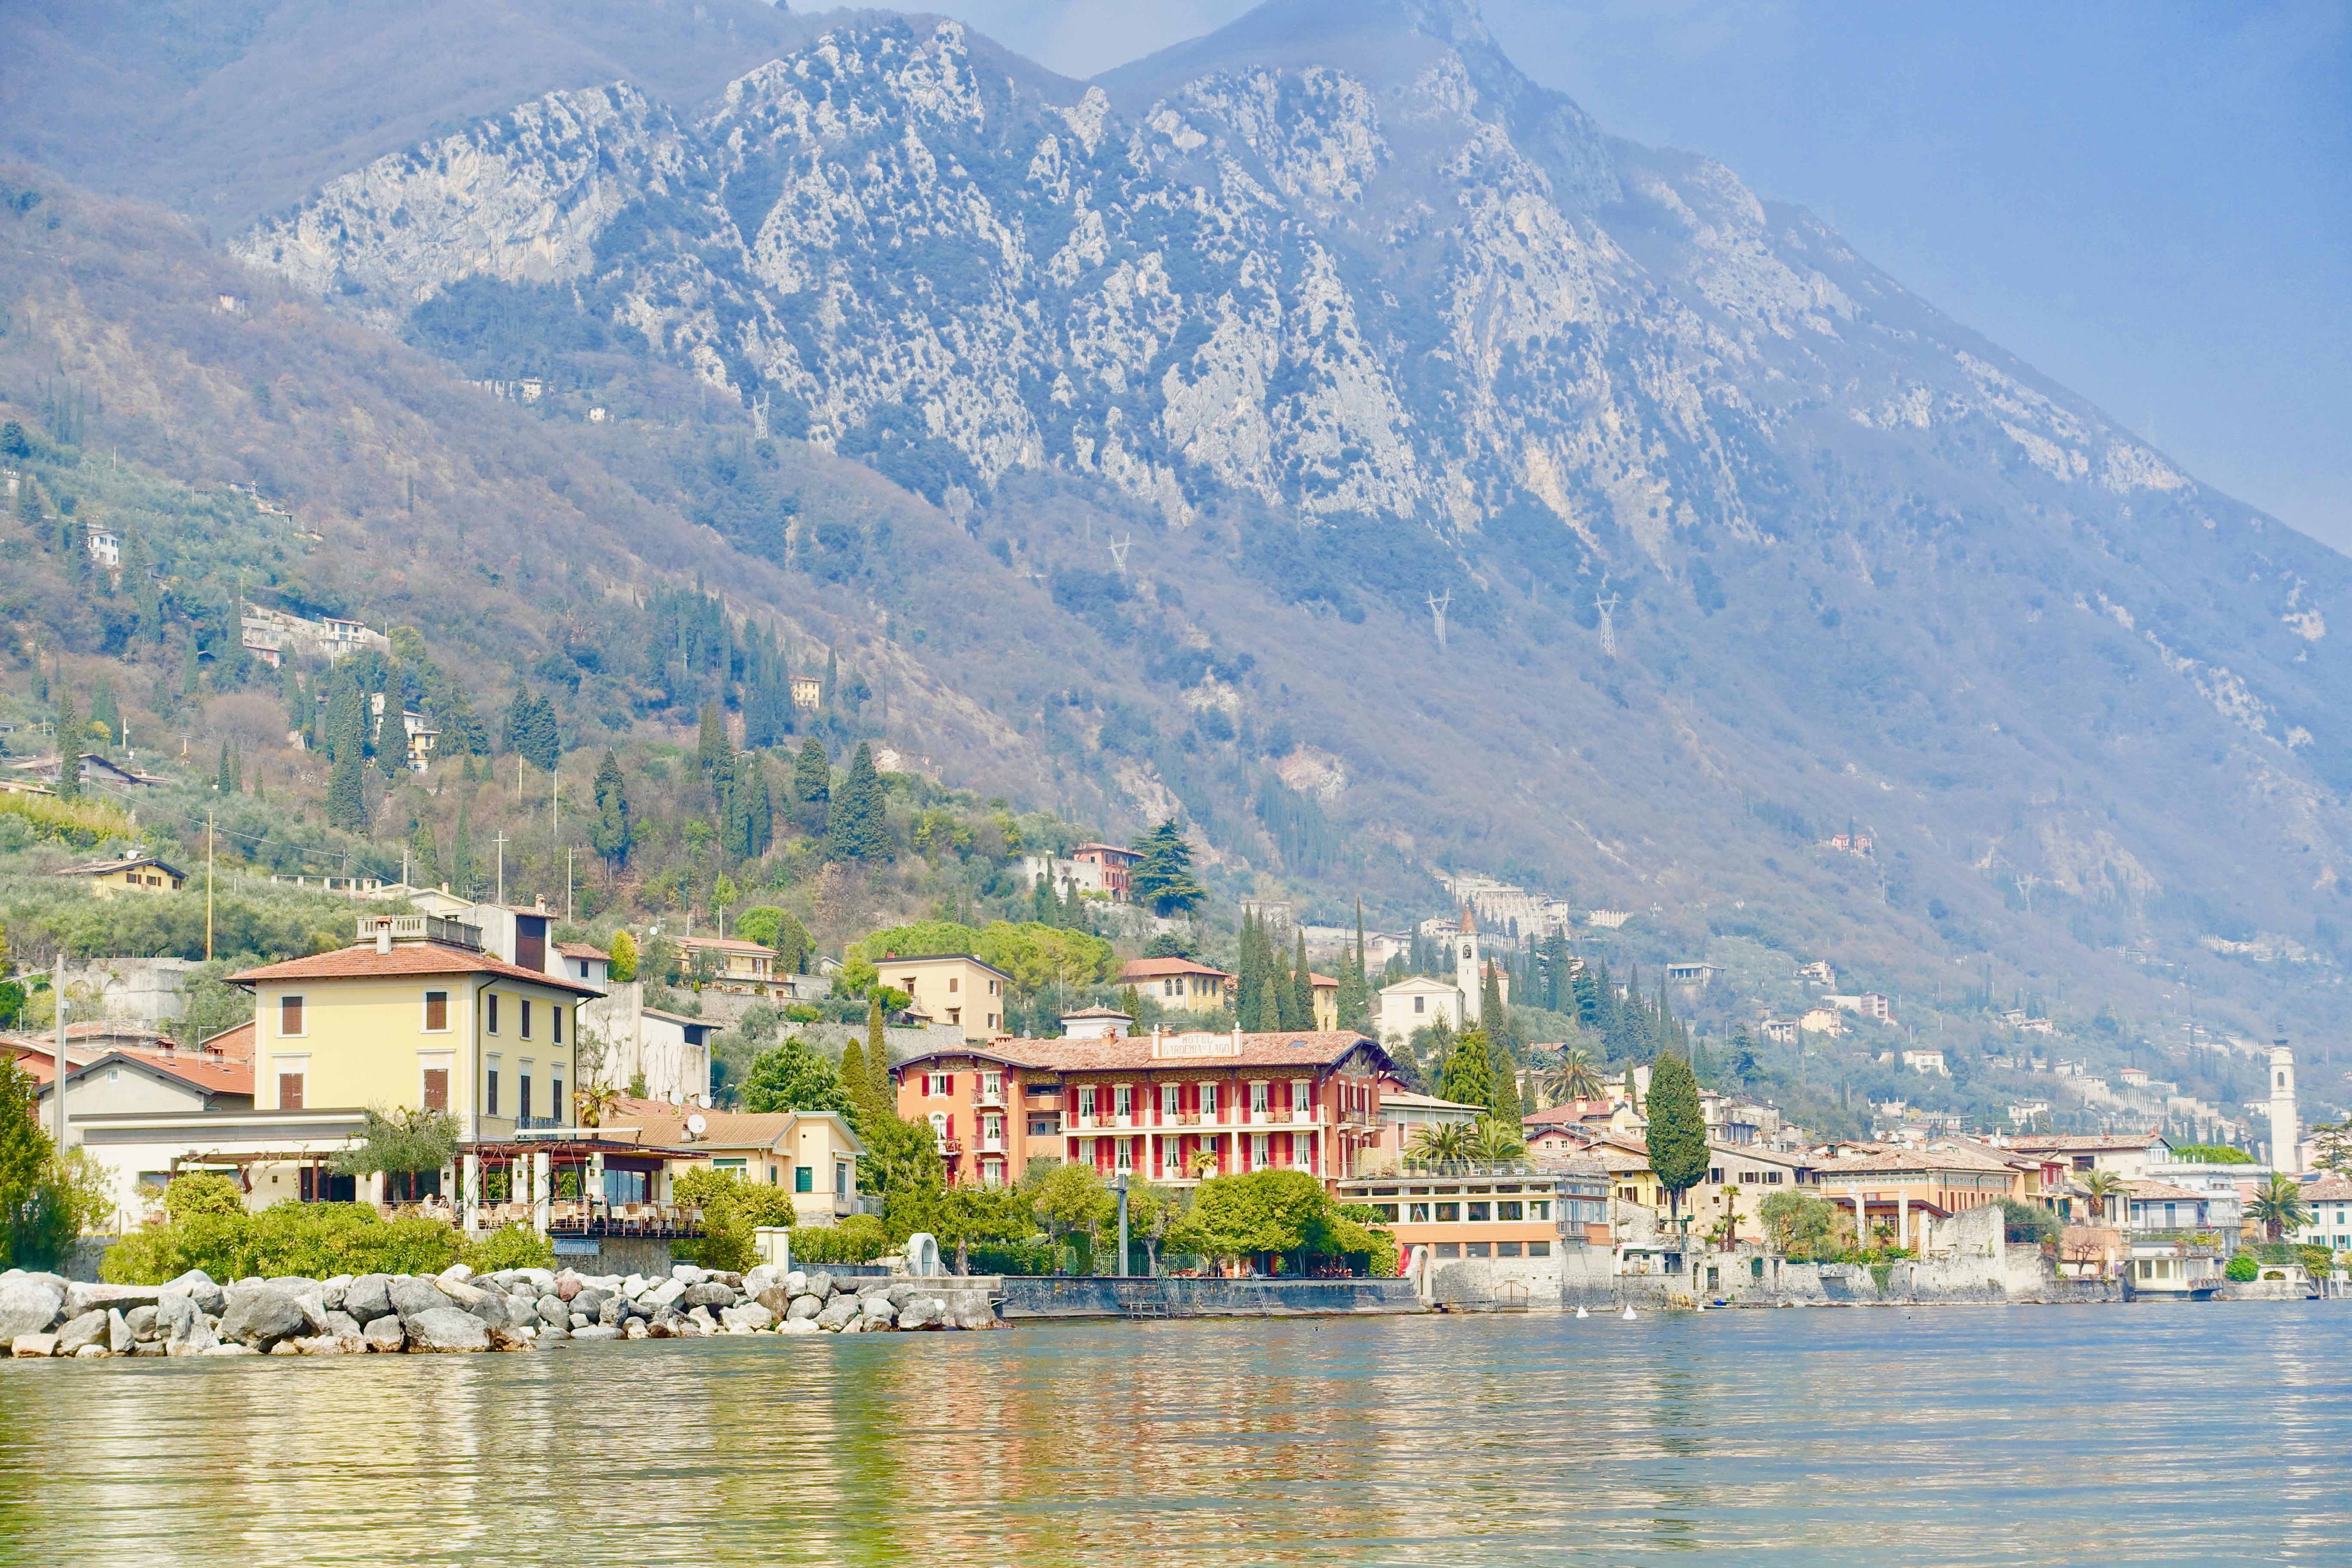 Gardasee Urlaub und Ausflug Tipps